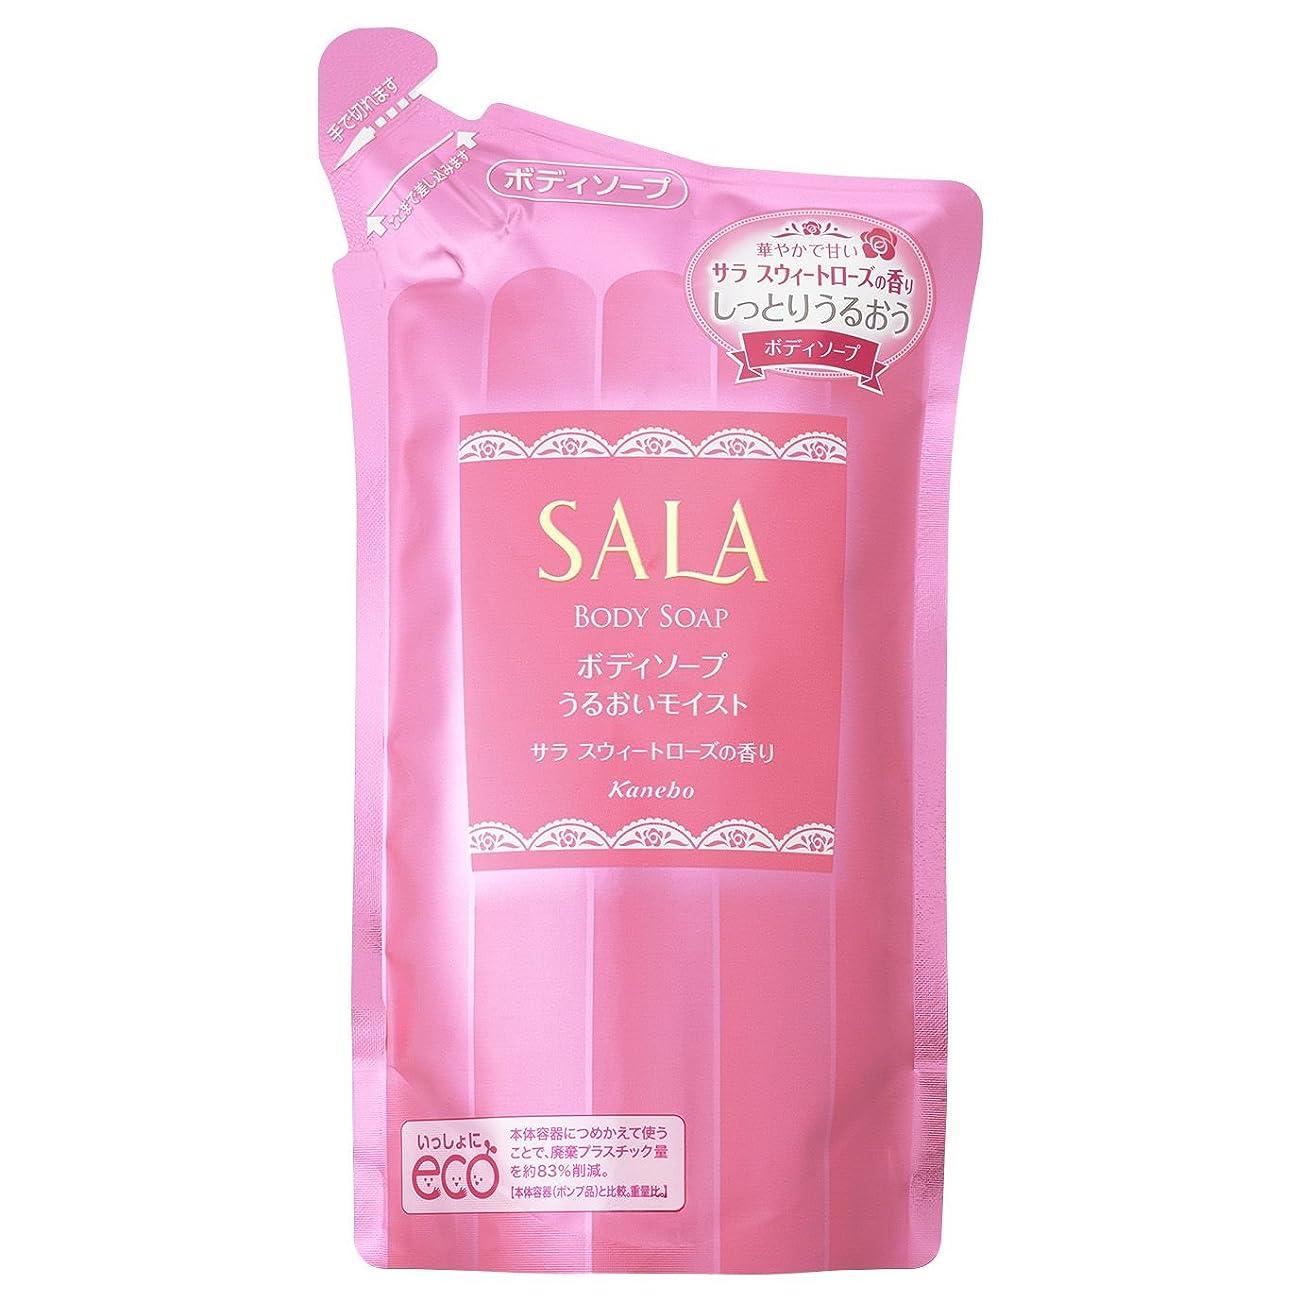 巻き取り賃金反響するサラ ボディソープ うるおいモイスト つめかえ用 サラスウィートローズの香り